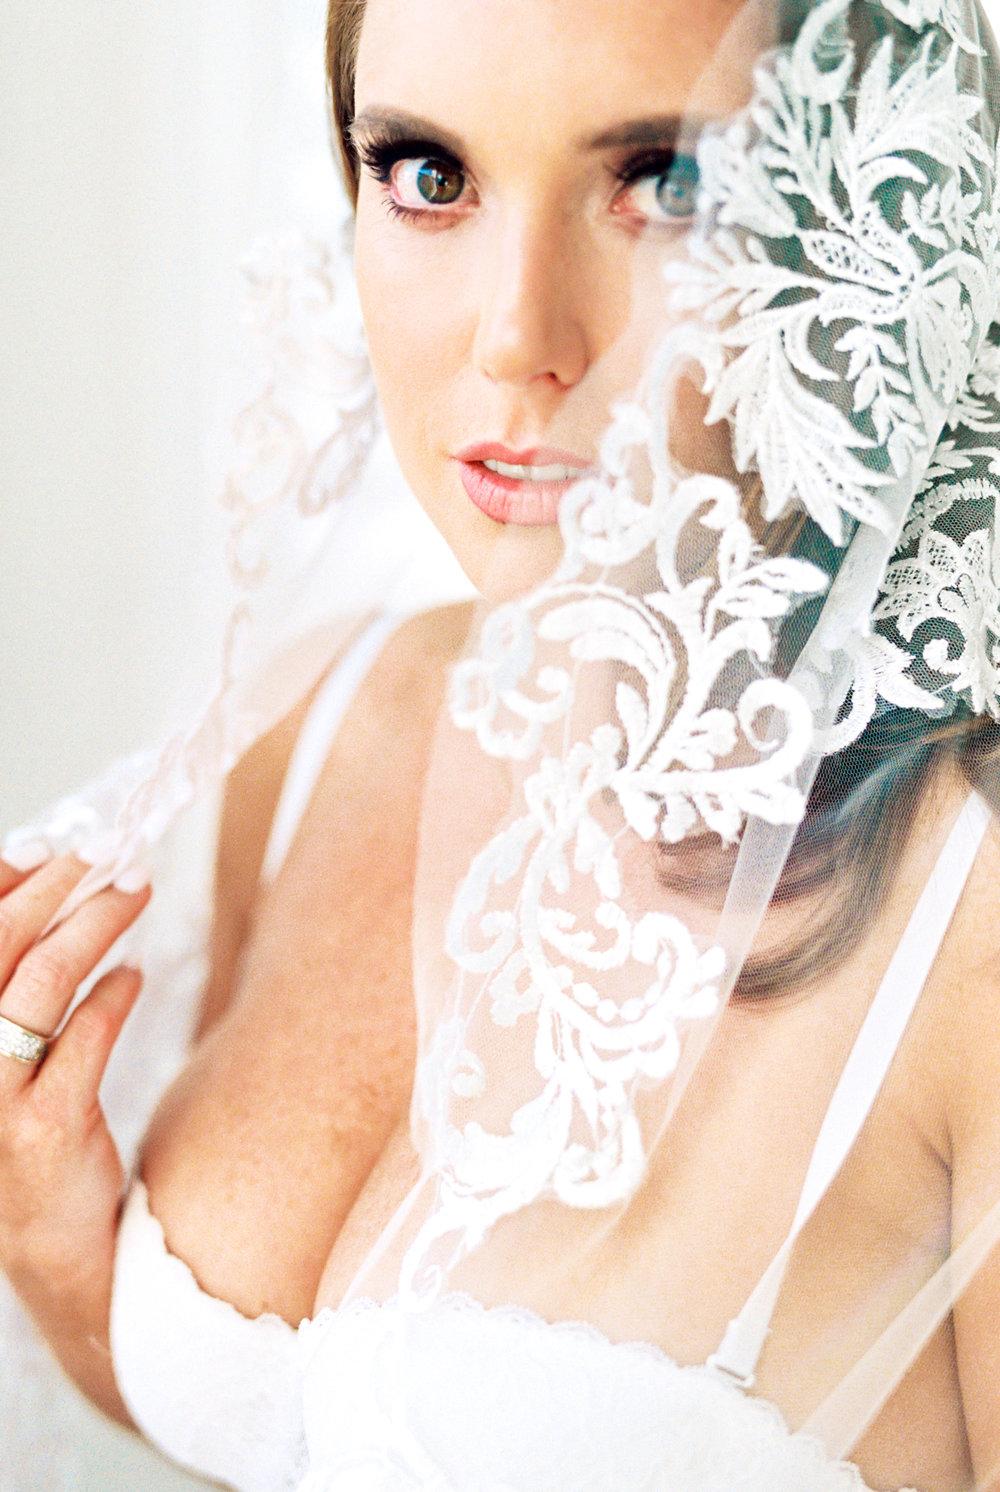 dennisroycoronel_bridal_boudoir_orangecounty_losangeles_photographer-52.jpg